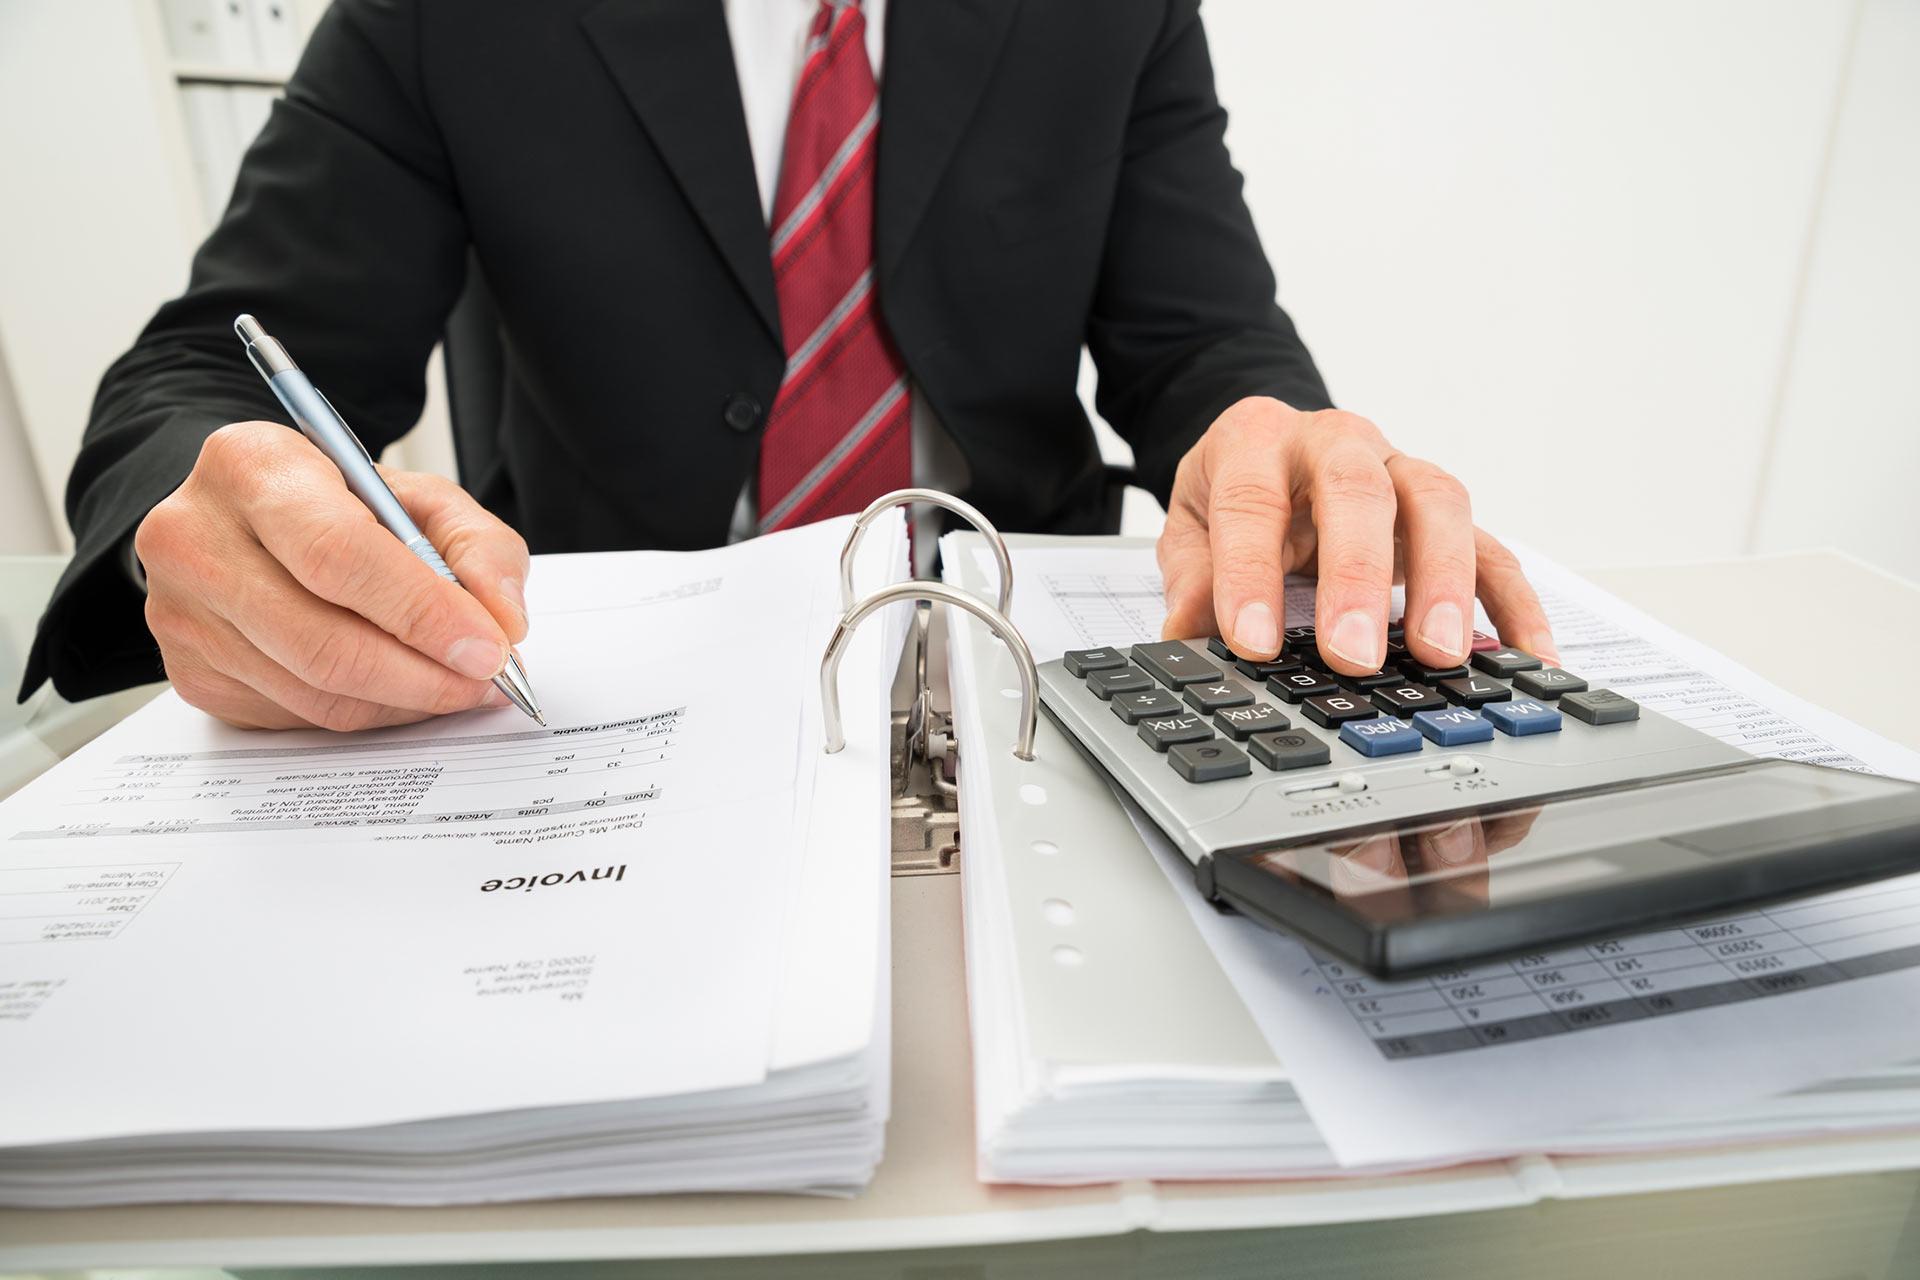 Вебинар: Налоговые проверки и налоговое администрирование 2020